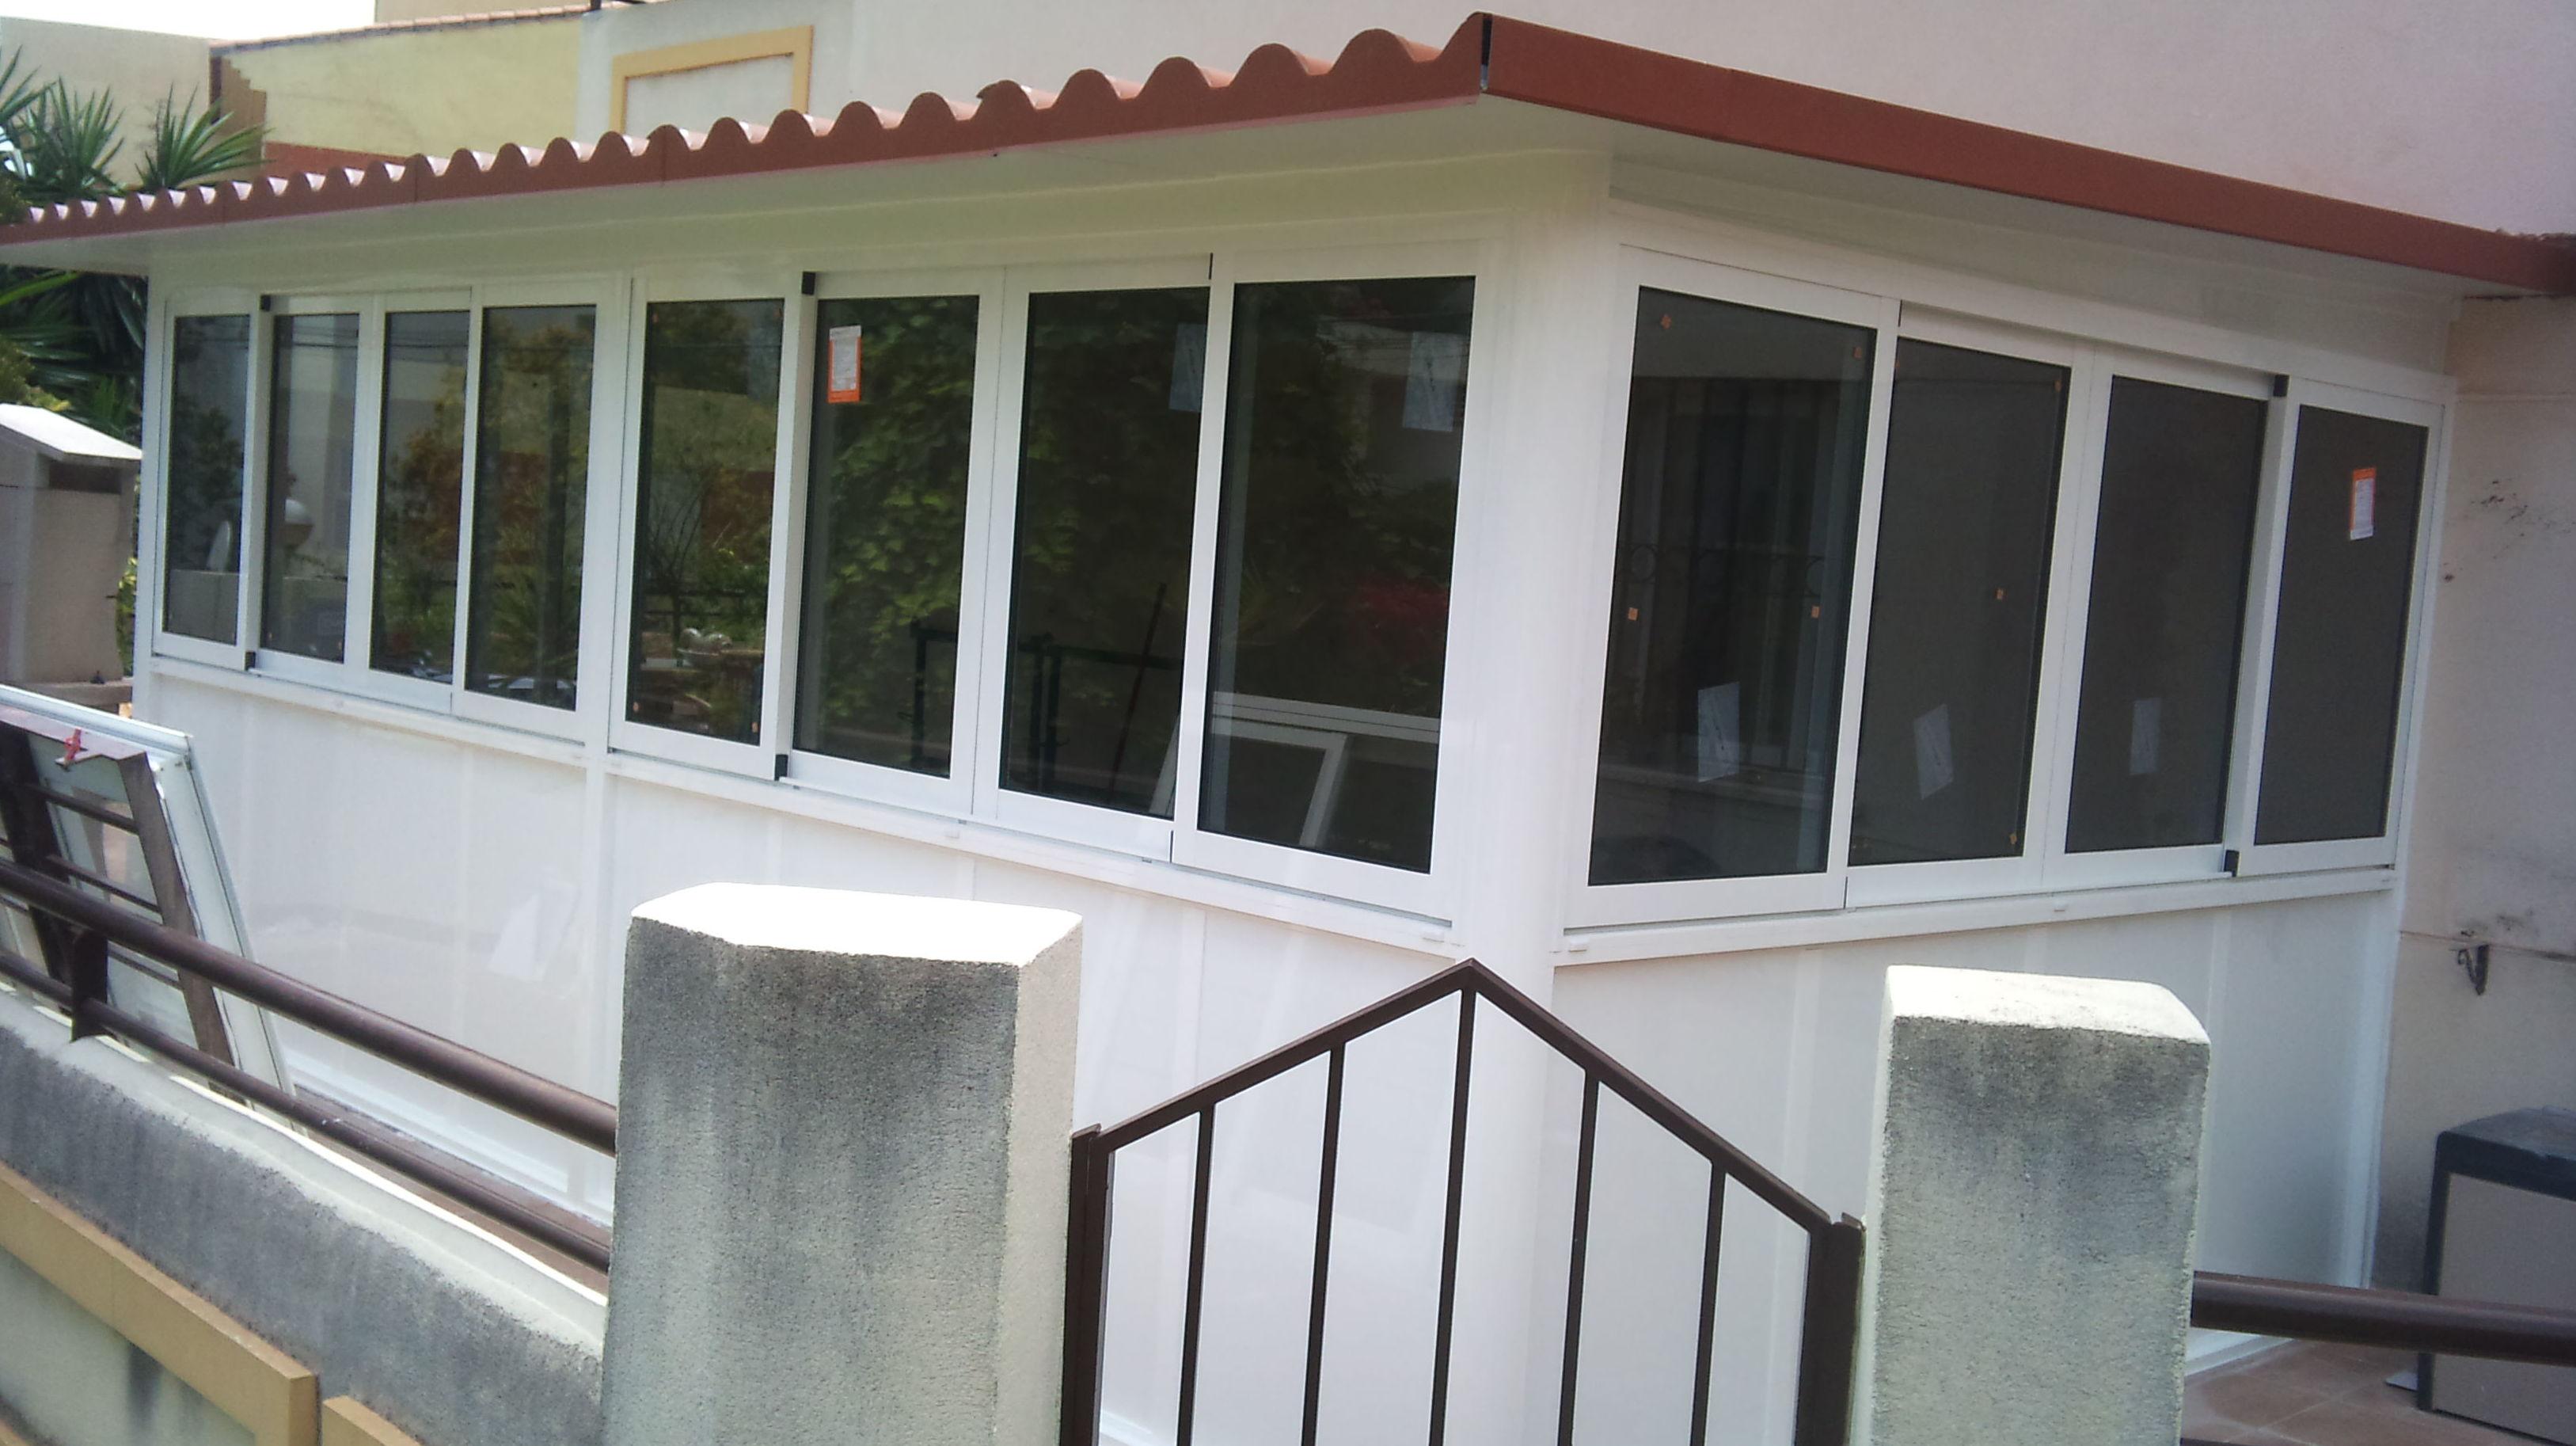 cerramiento de aluminio con techo de panel sandwich imitacion teja